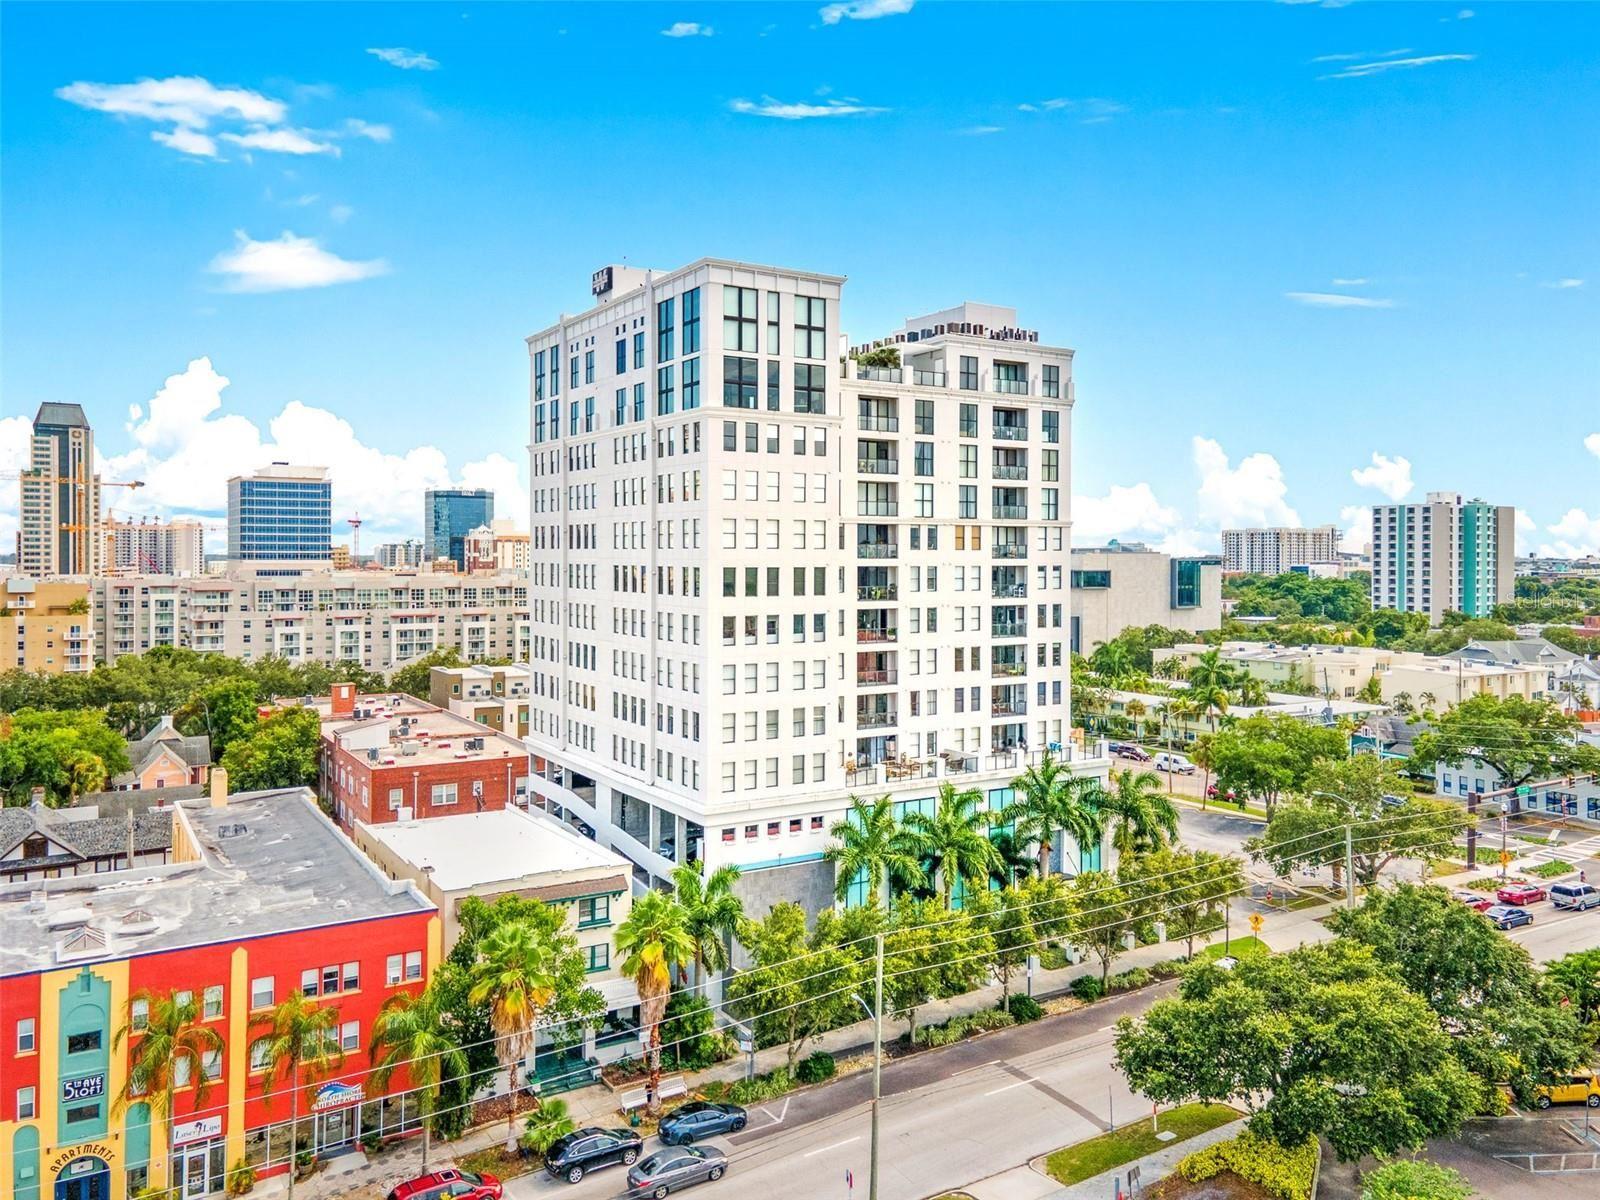 226 5TH AVENUE N #1003, Saint Petersburg, FL 33701 - #: U8130426